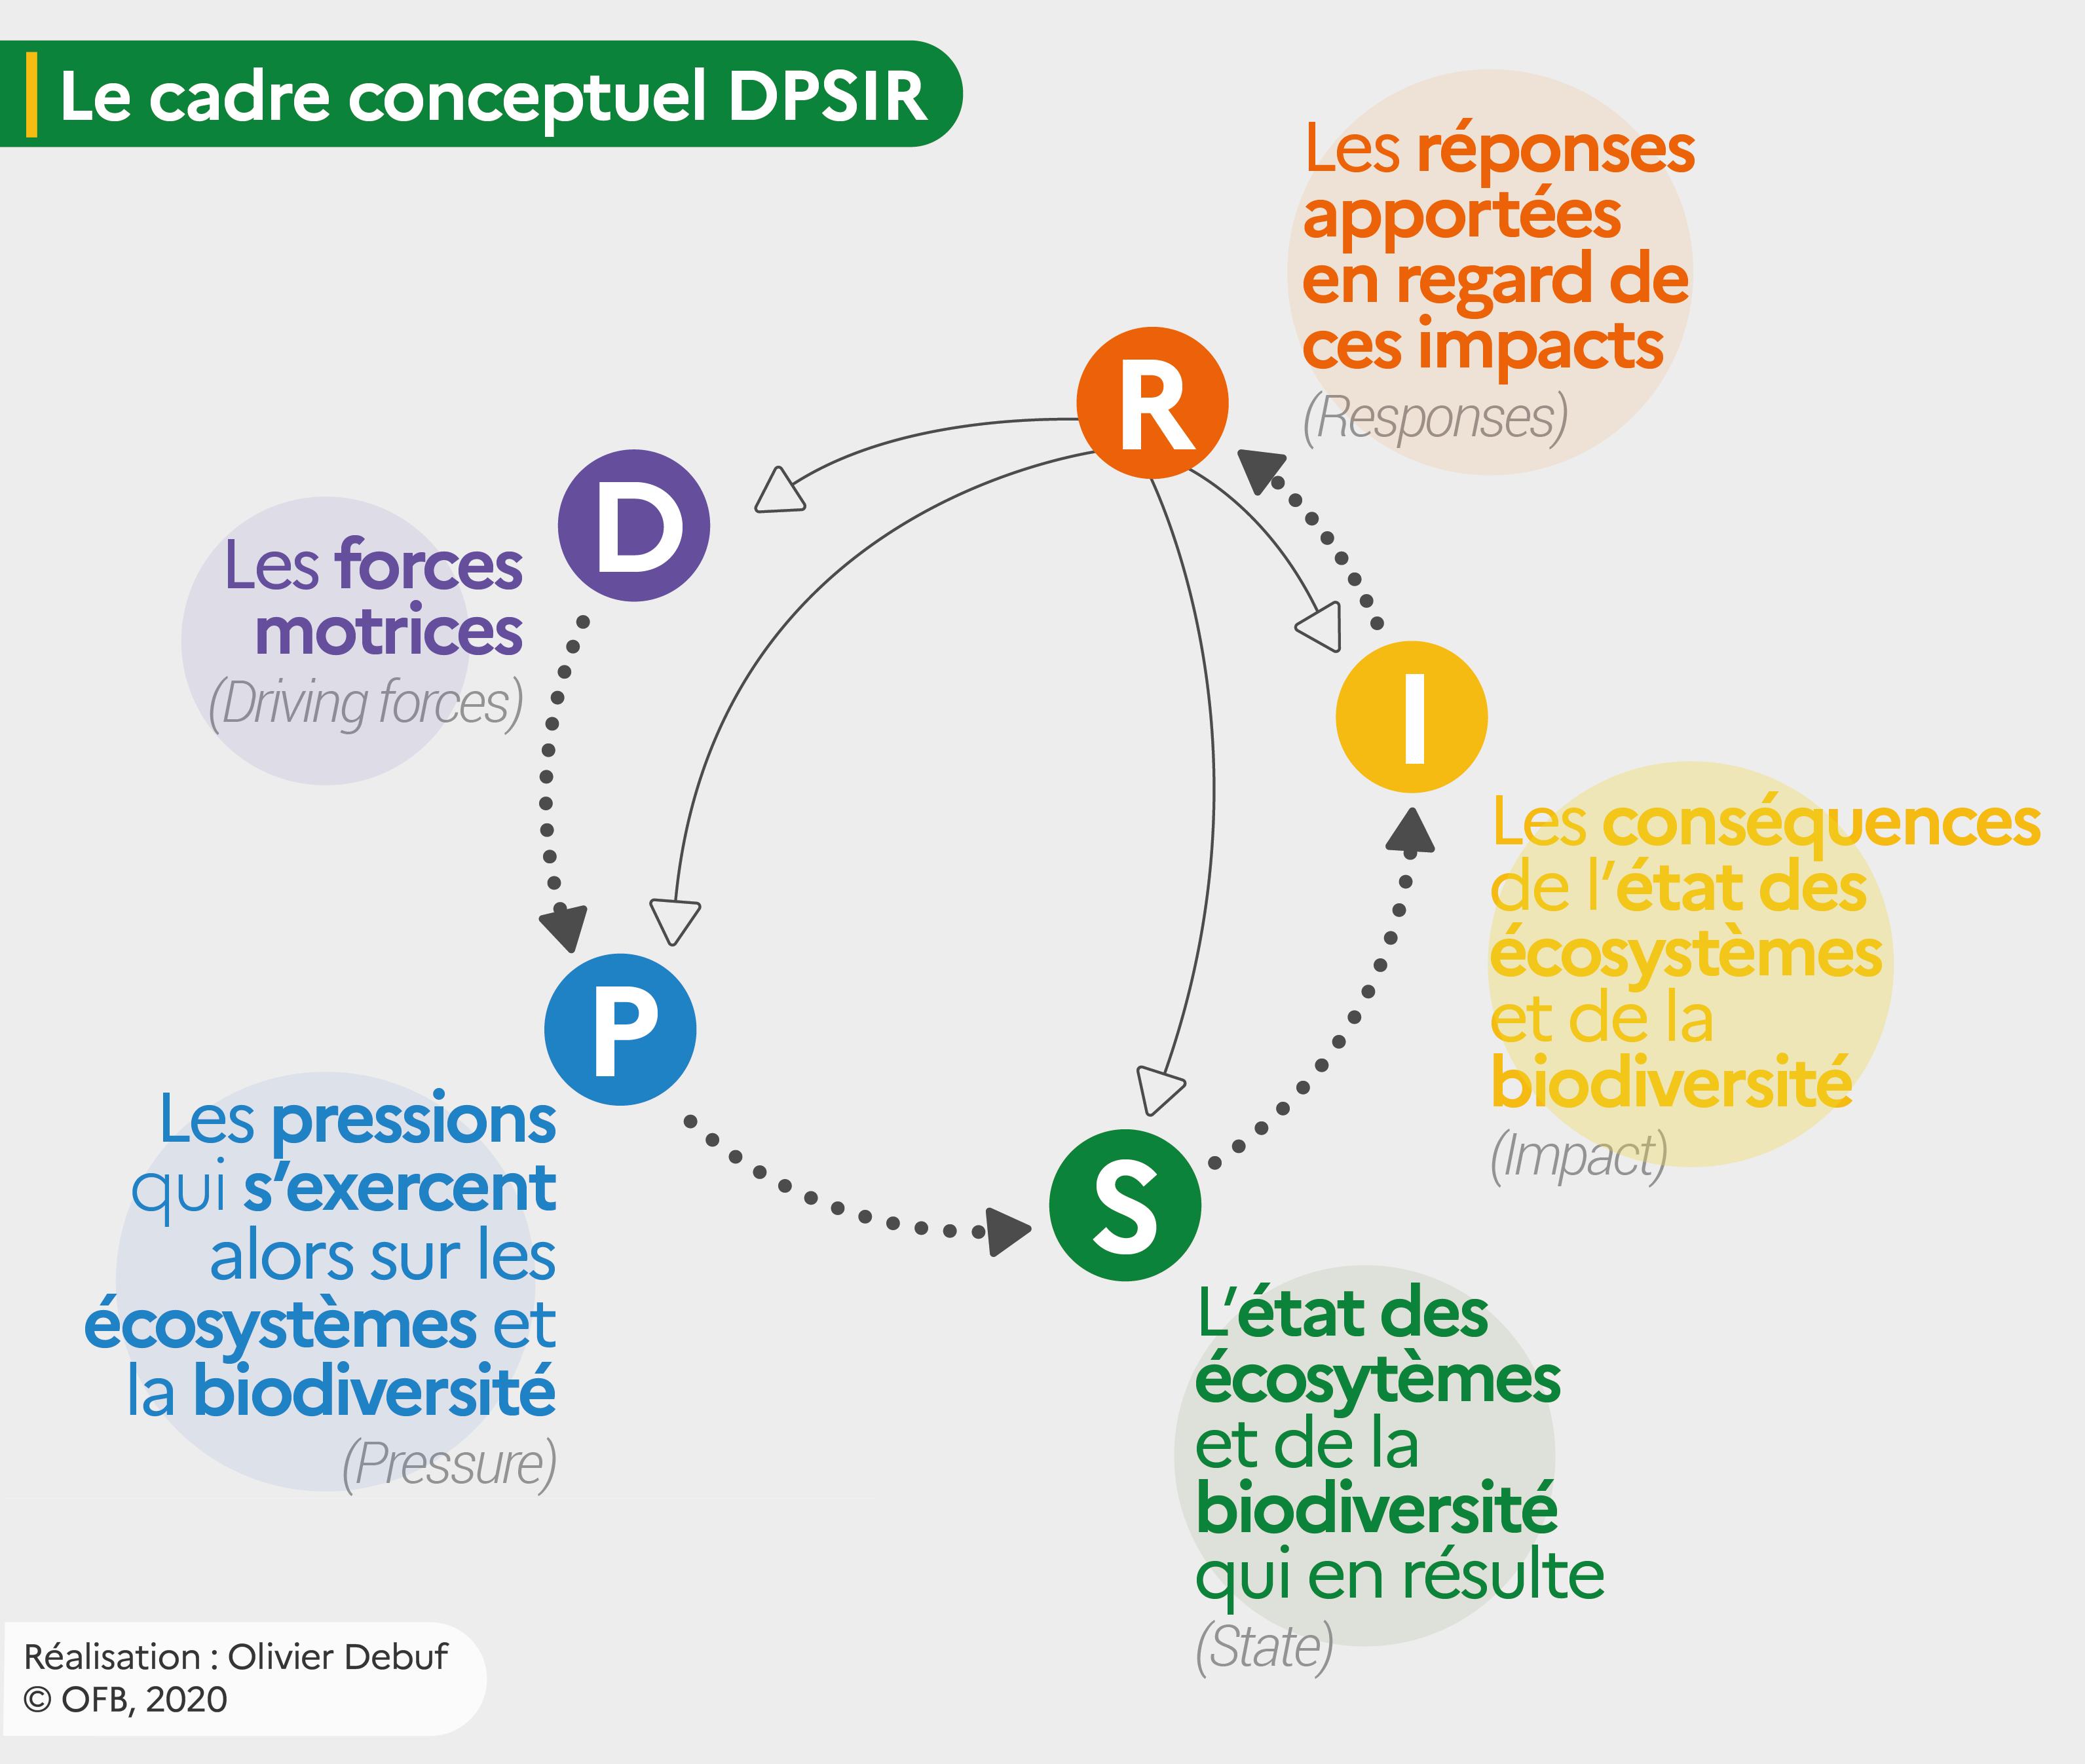 Représentation du cadre conceptuel DPSIR